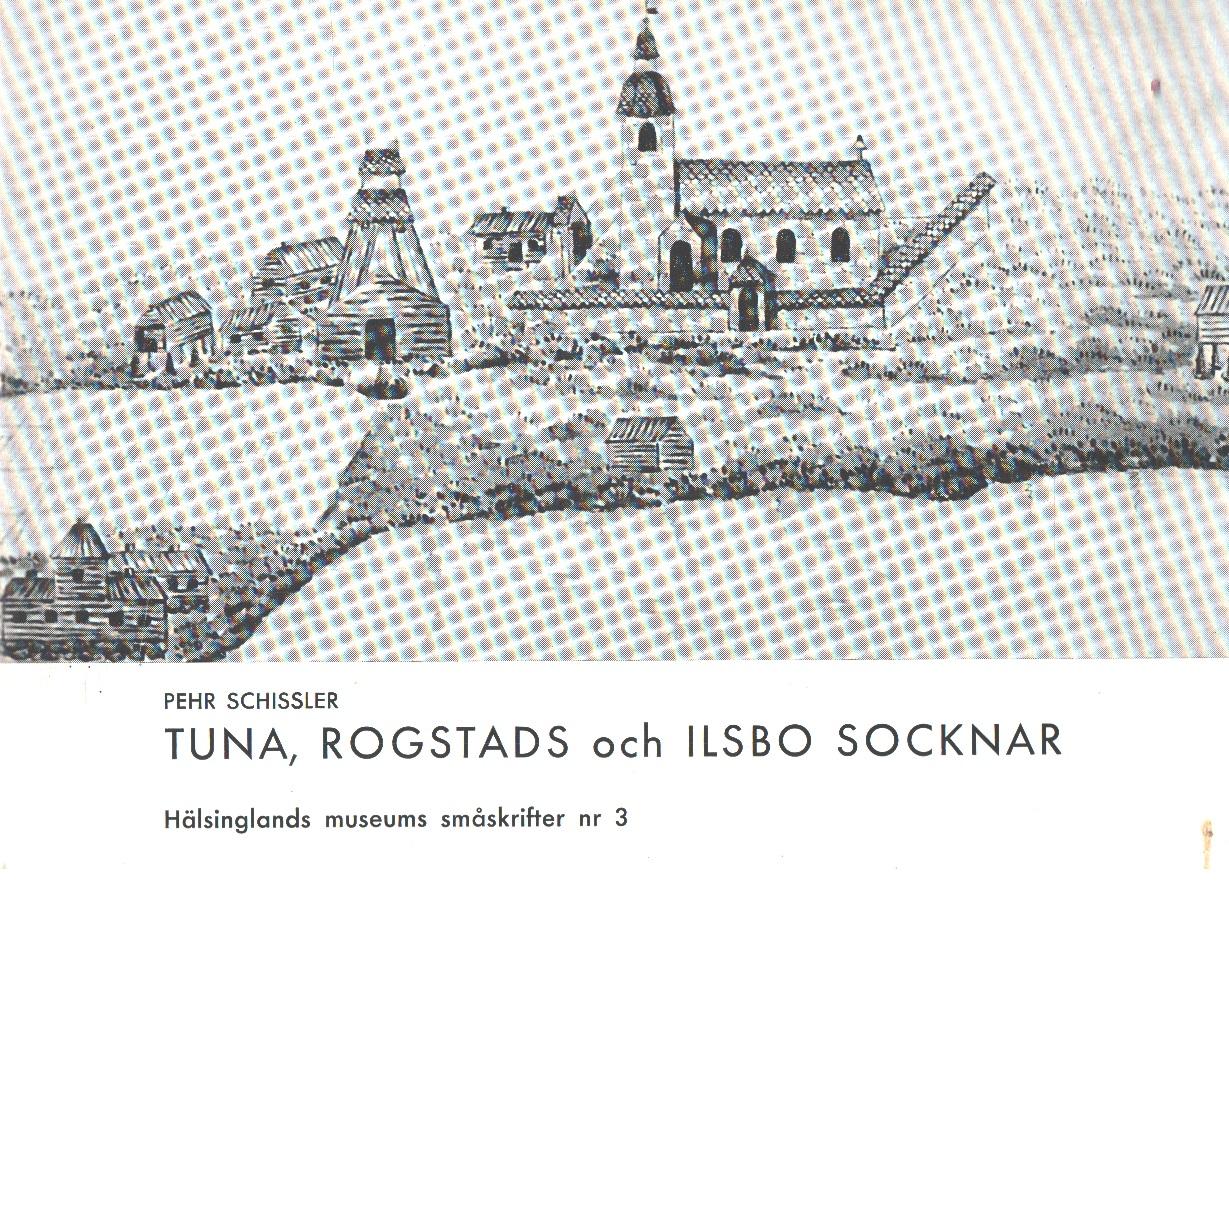 Tuna, rogstads och ilsbo socknar - Schissler, Pehr